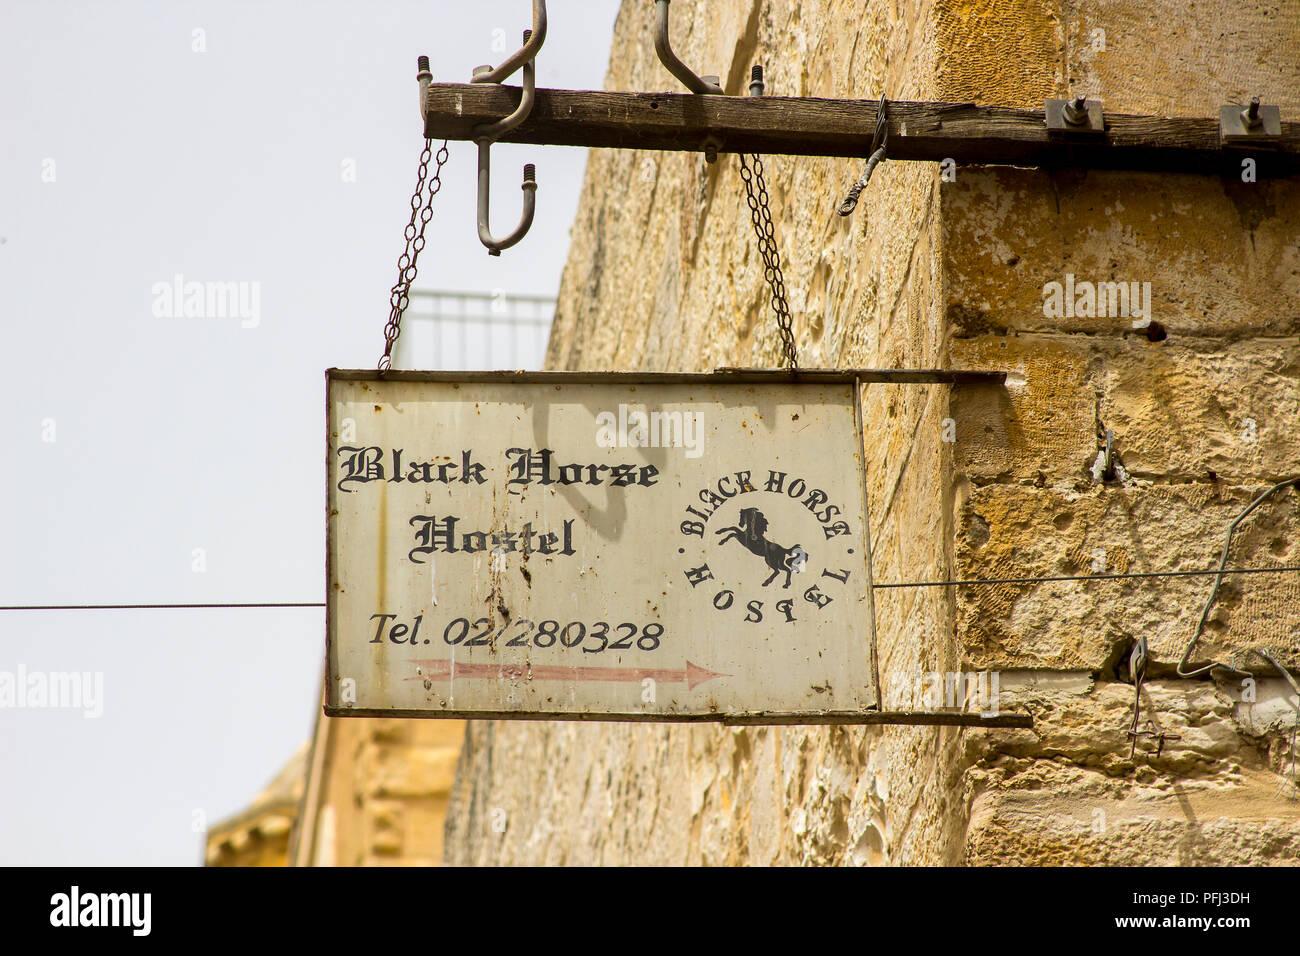 Black Horse Hostel Stock Photos & Black Horse Hostel Stock